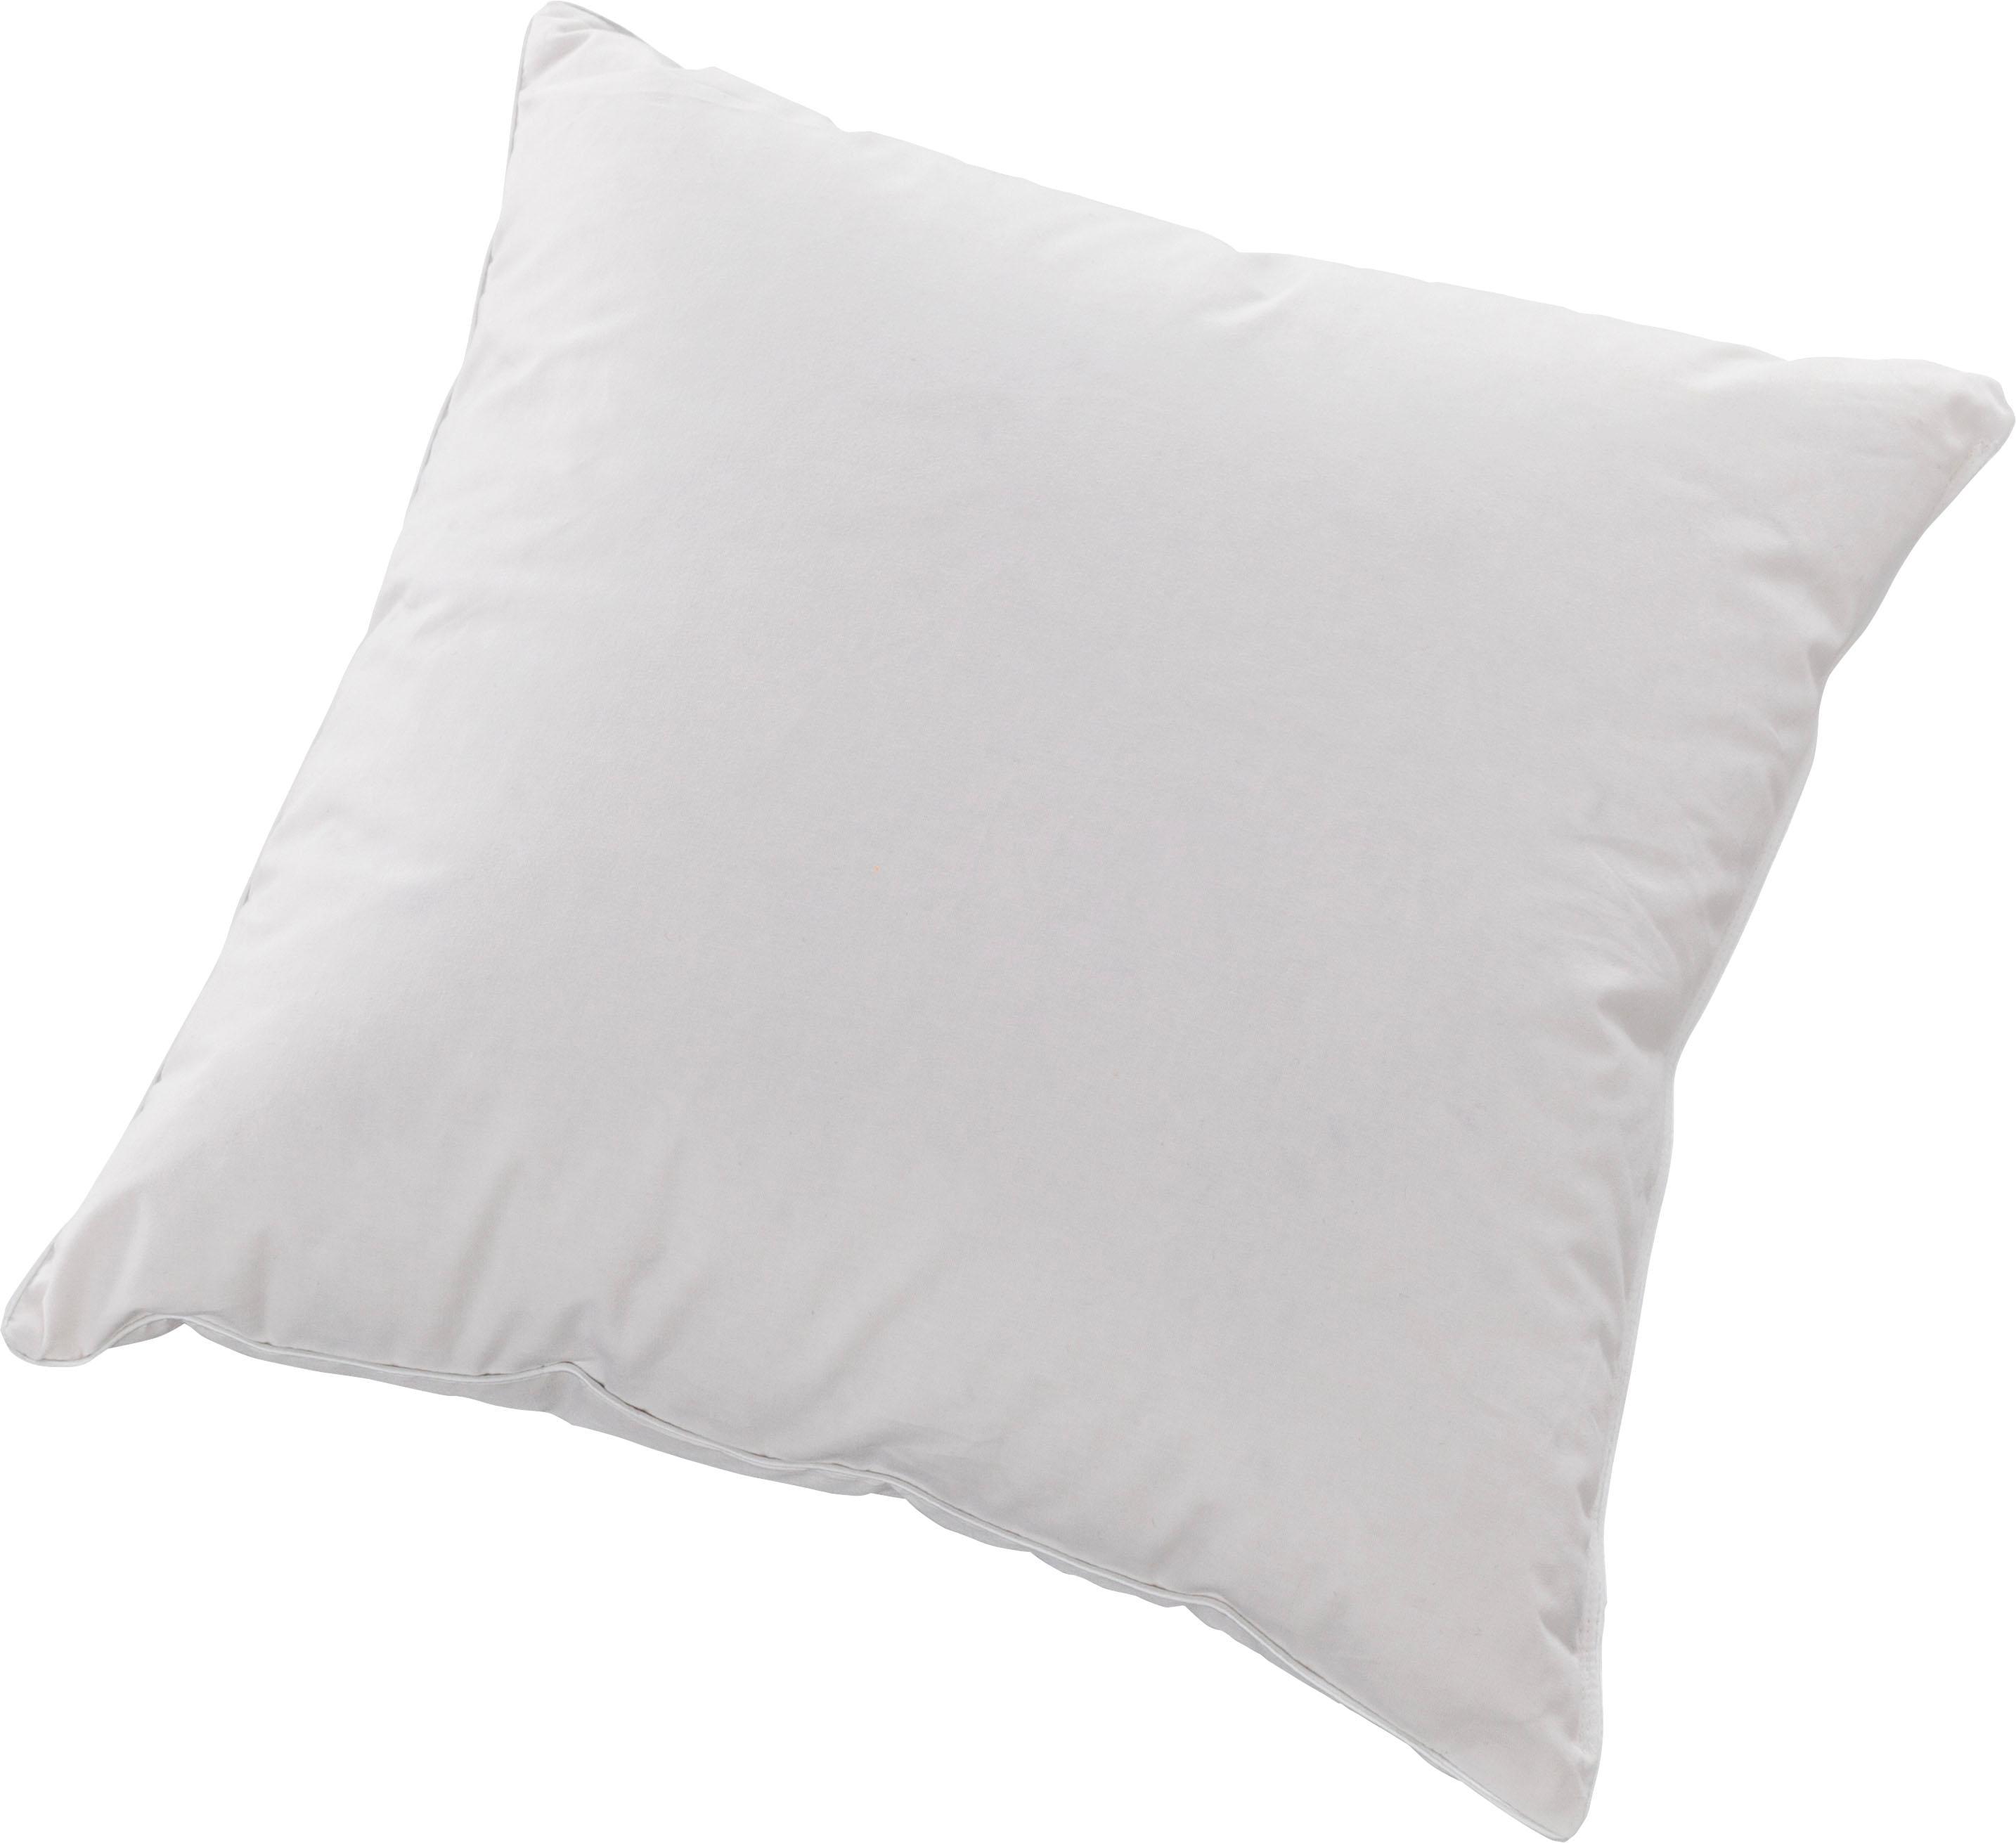 Baumwollkissen Vital Plus Centa-Star Bezug: 100% Baumwolle